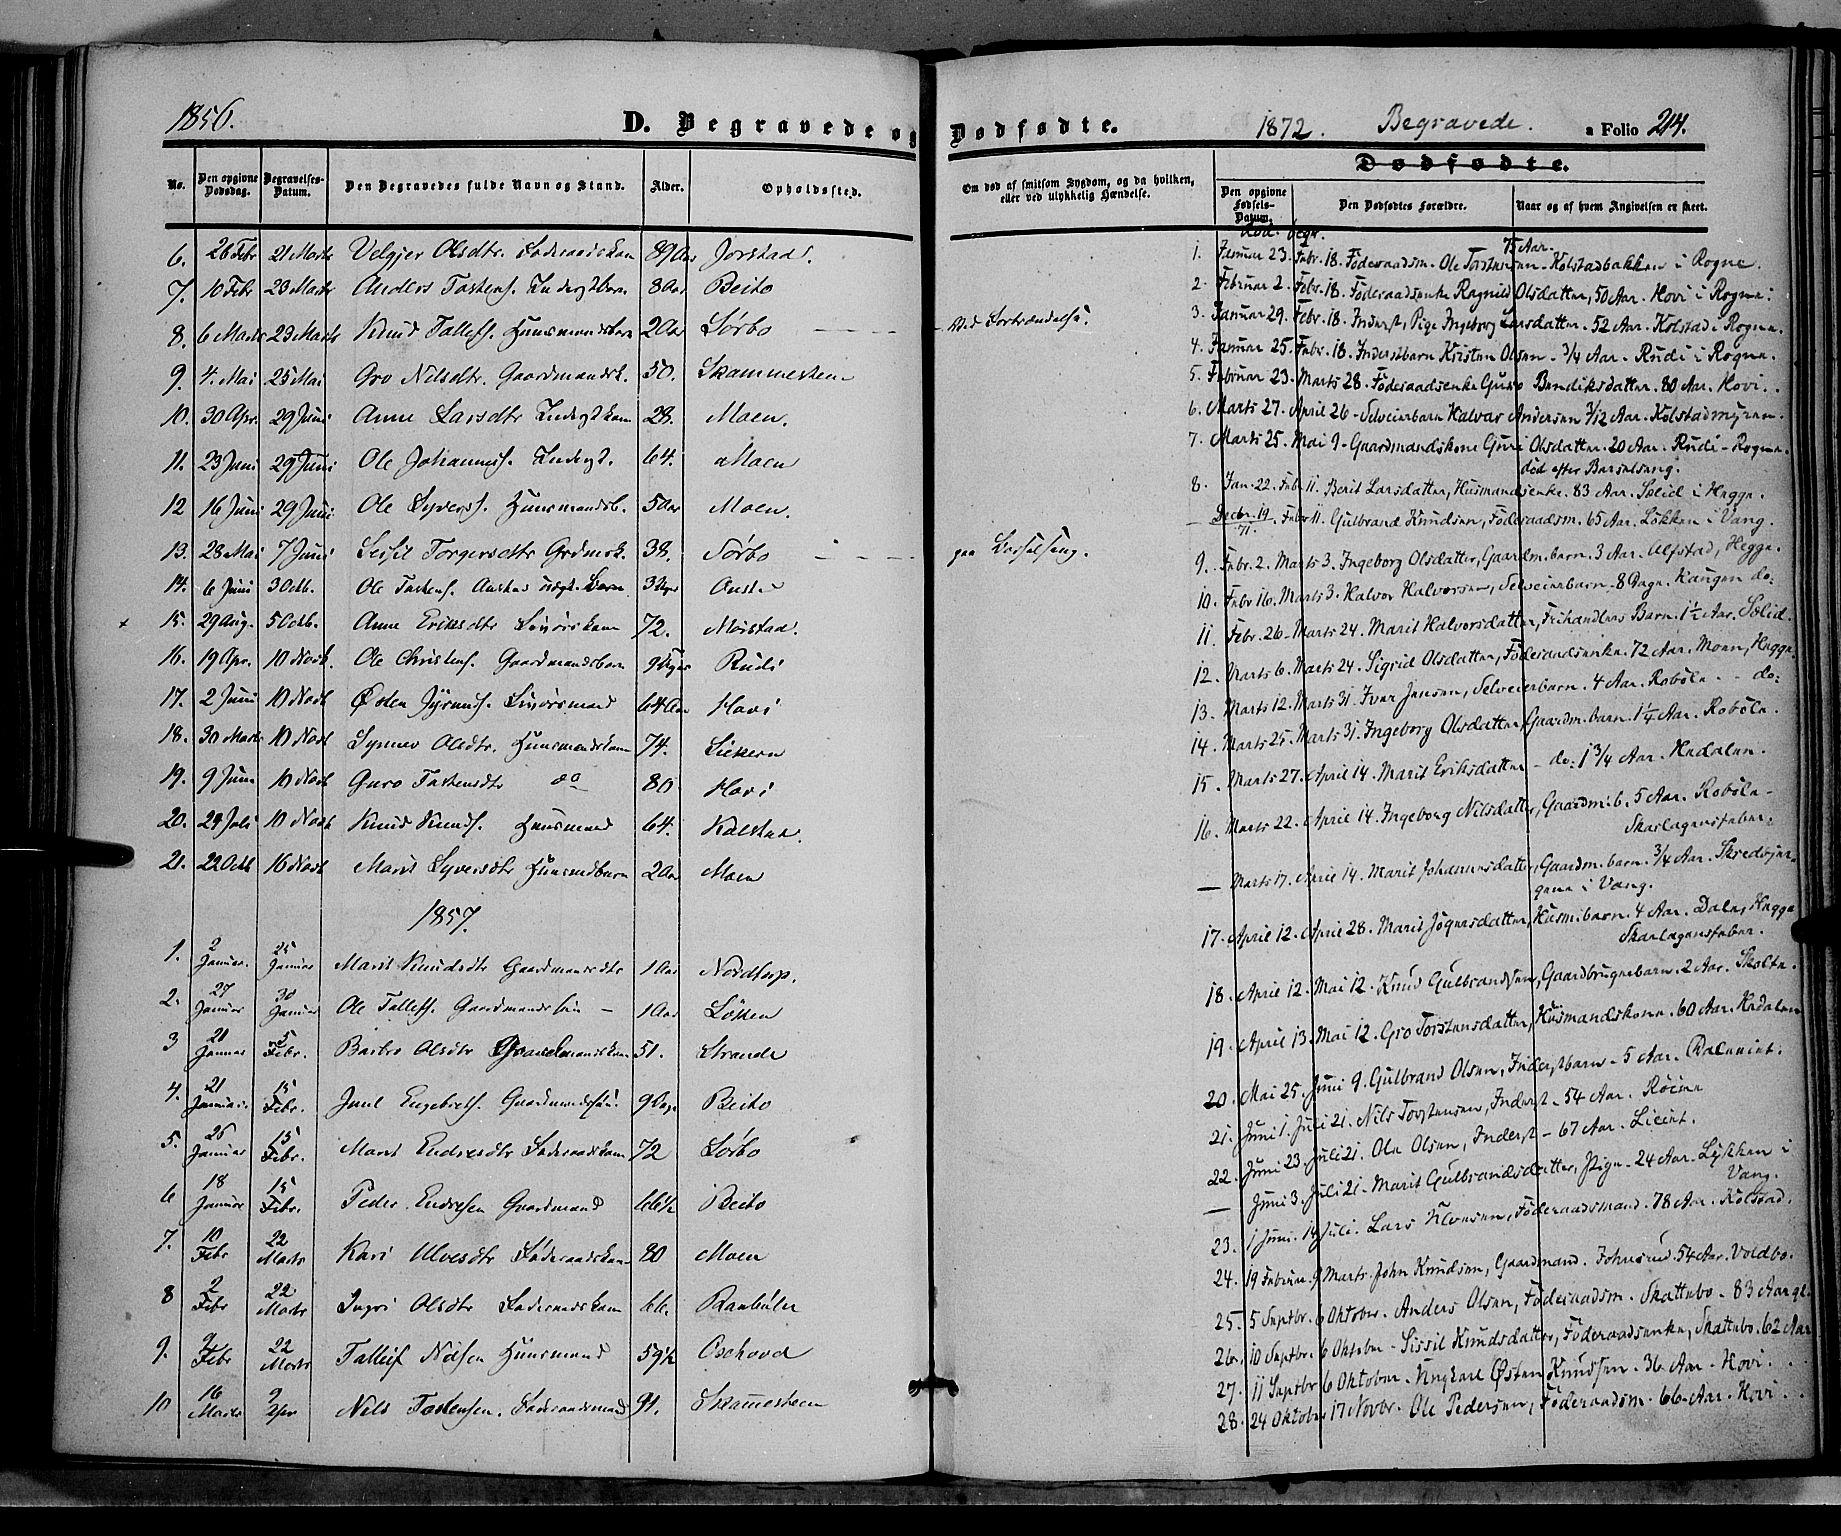 SAH, Øystre Slidre prestekontor, Ministerialbok nr. 1, 1849-1874, s. 214